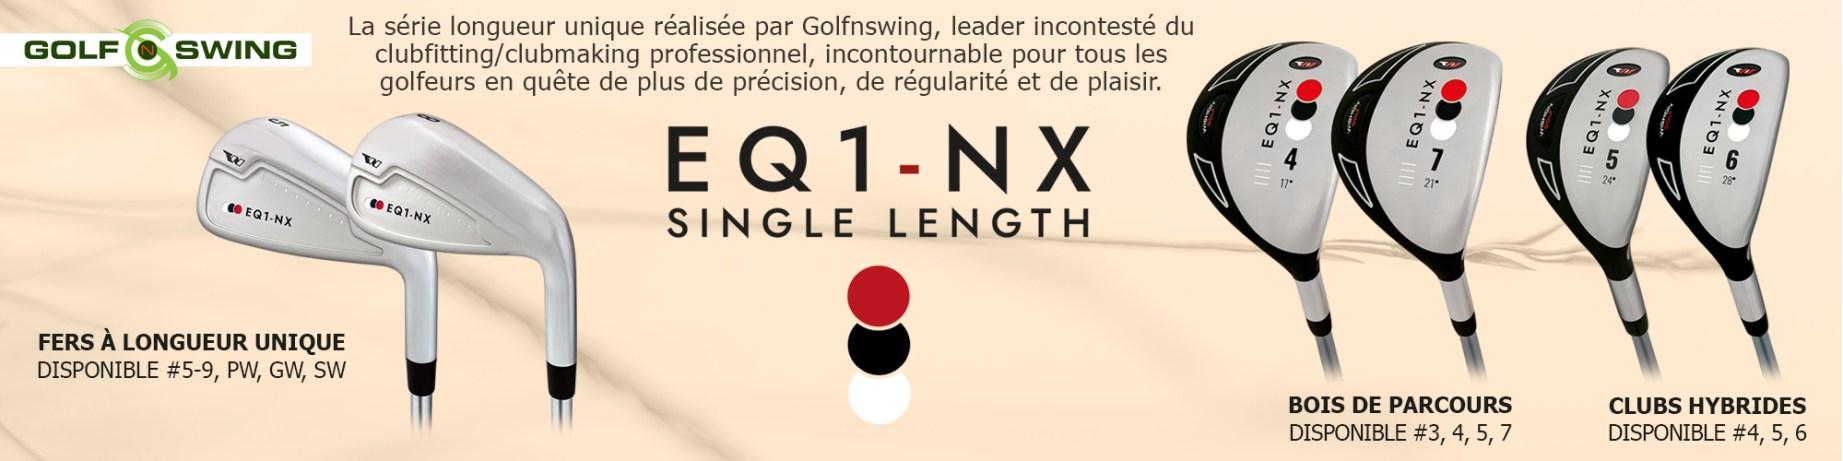 Série longueur unique GolfnSwing